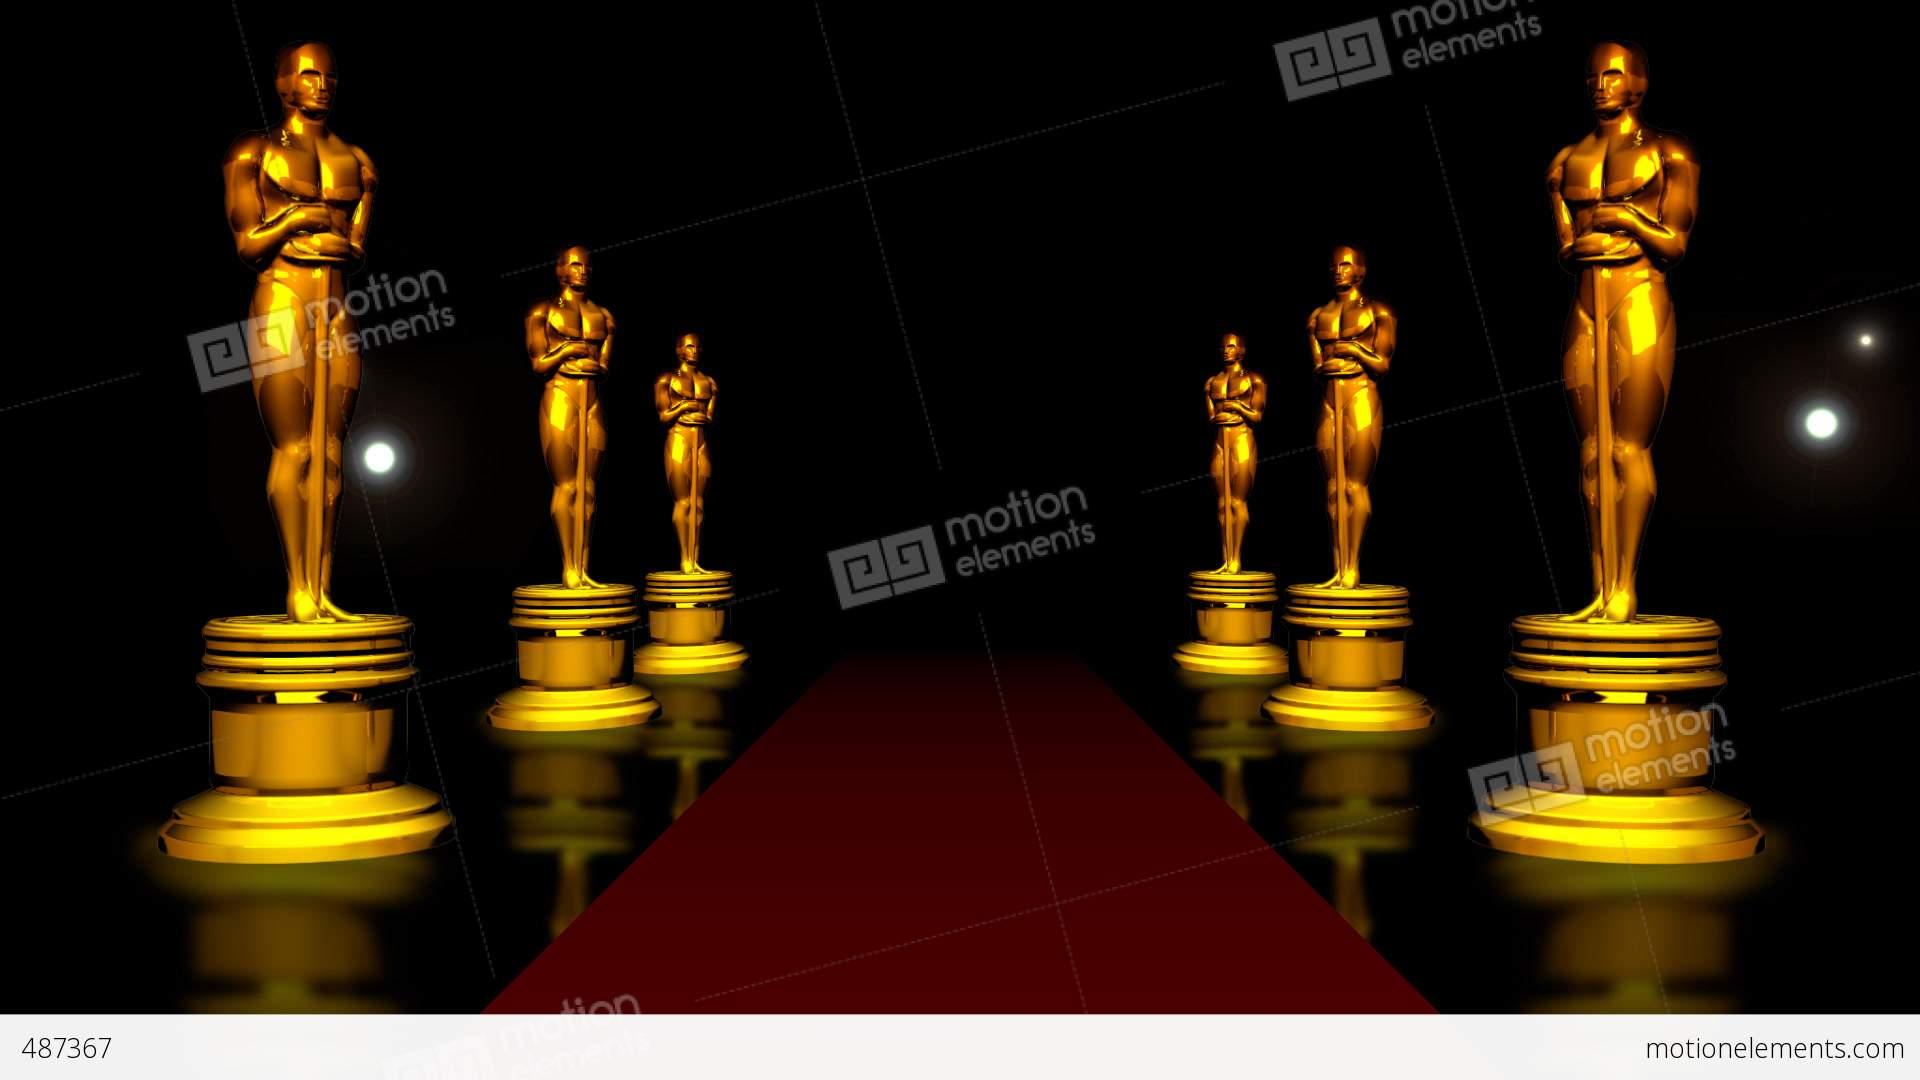 Red carpet and the golden oscar stock animation 487367 - Oscar award wallpaper ...